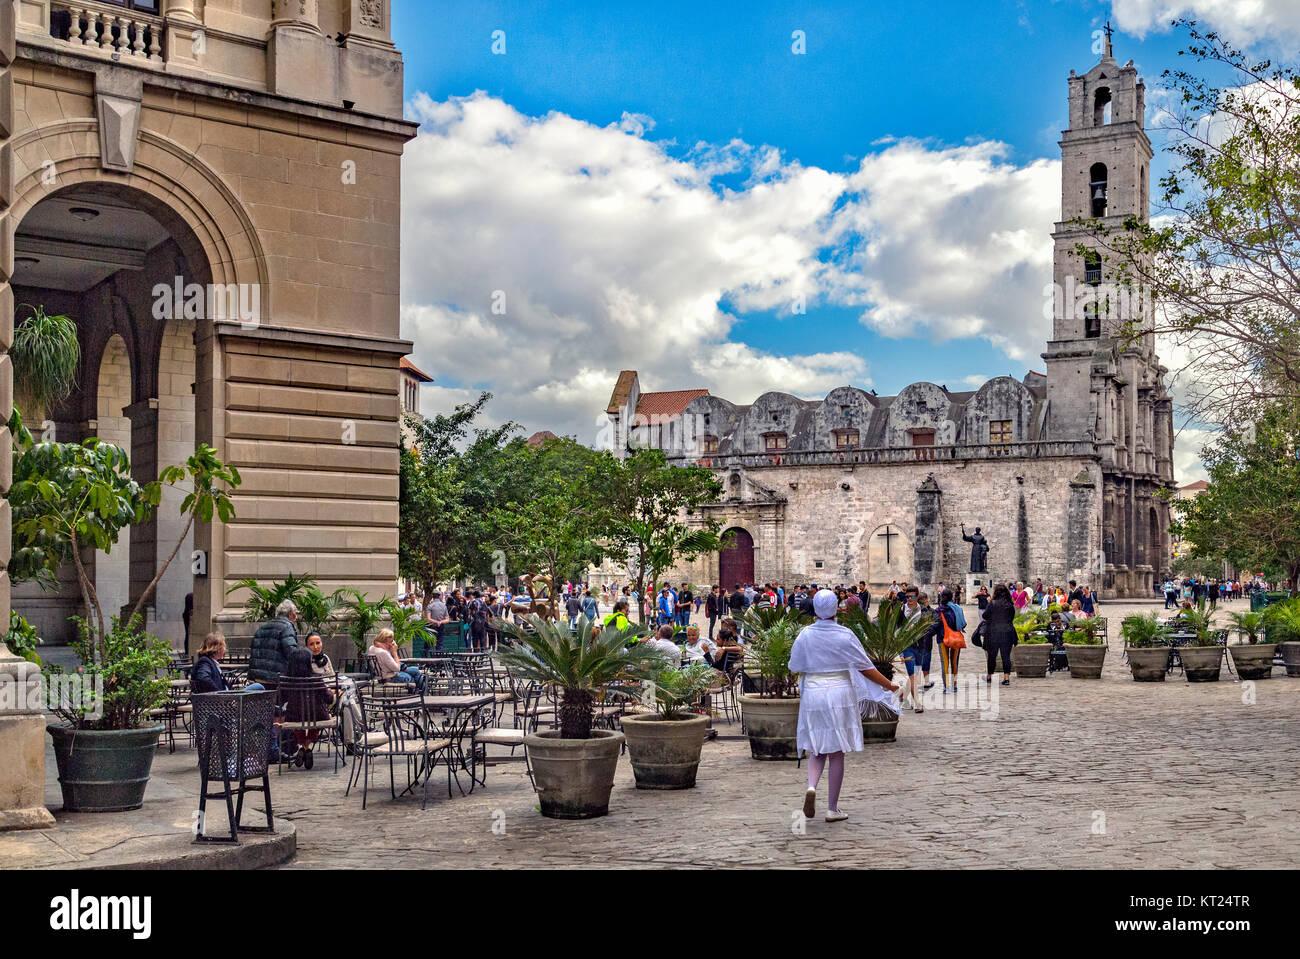 Habana Vieja Stock Photos & Habana Vieja Stock Images - Alamy